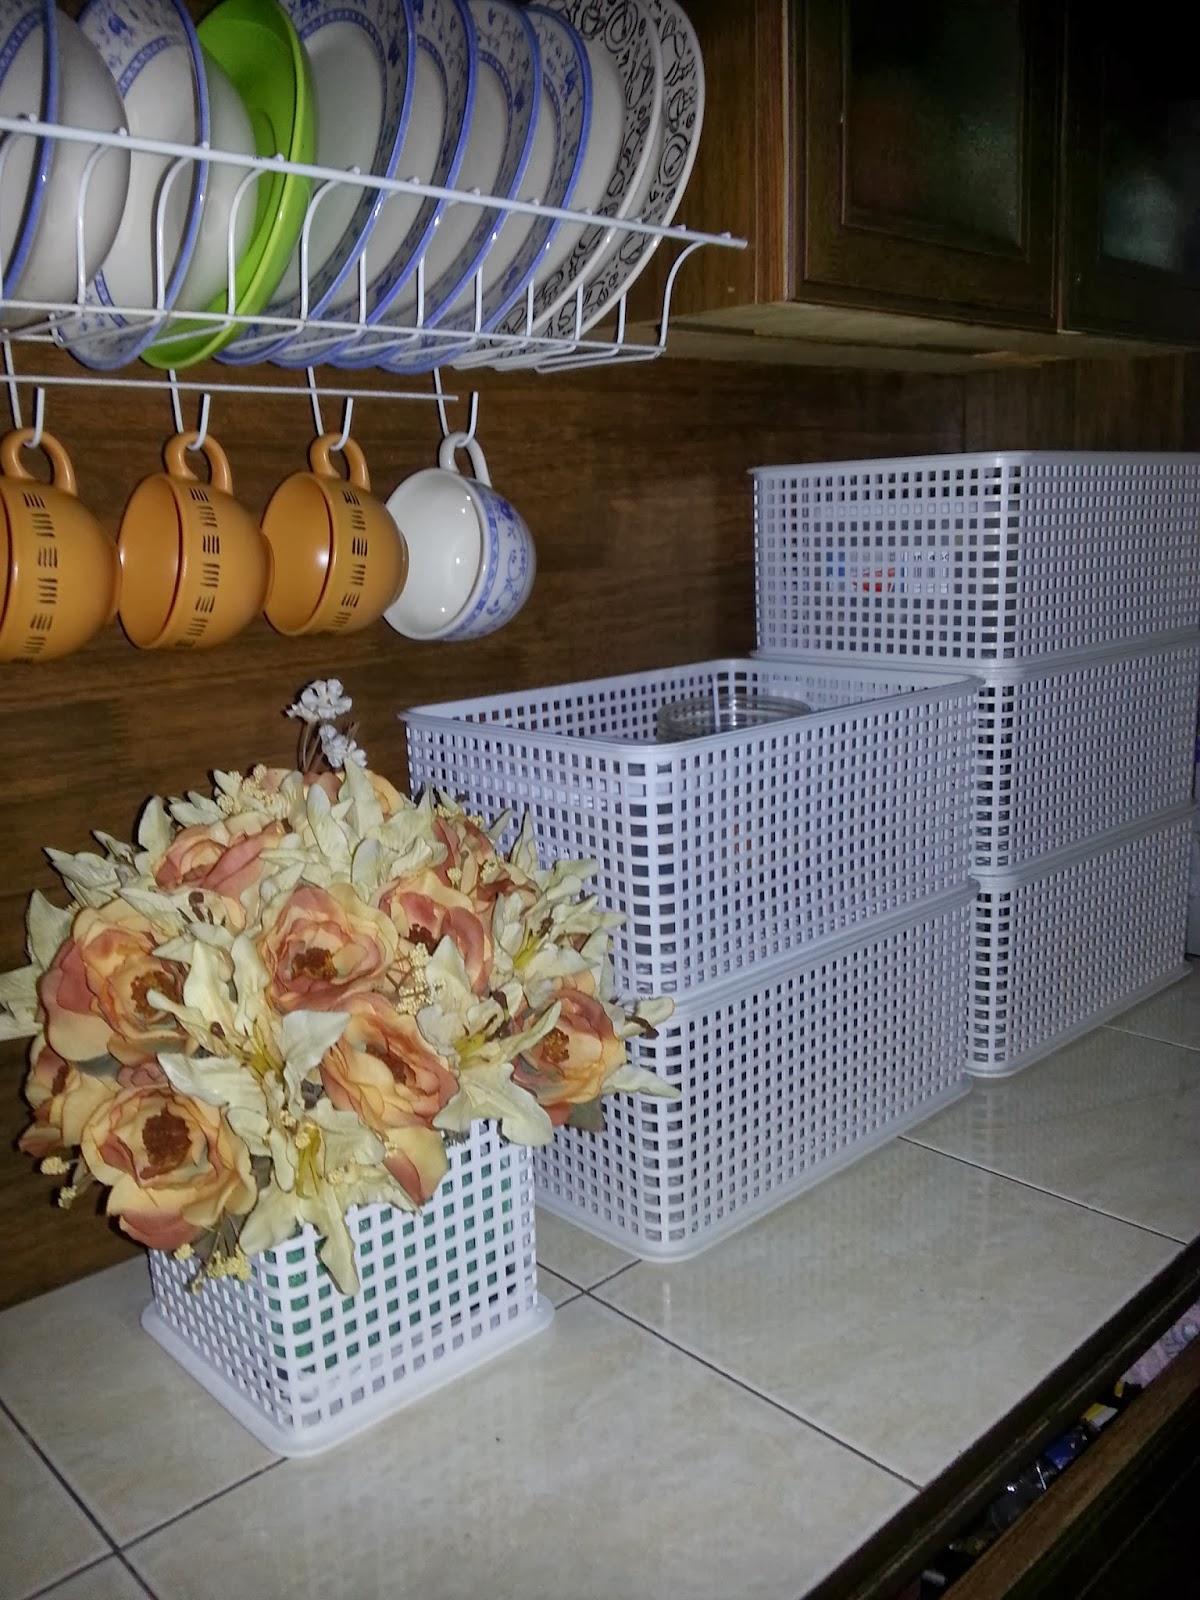 Bukan Main Kat Dapur Pun Ada Bunga Bagaikannnn Maklumlah Baru Semalam Siap Kemas Tunggu Meja Makan Dibeli Tak Sampai Lagi